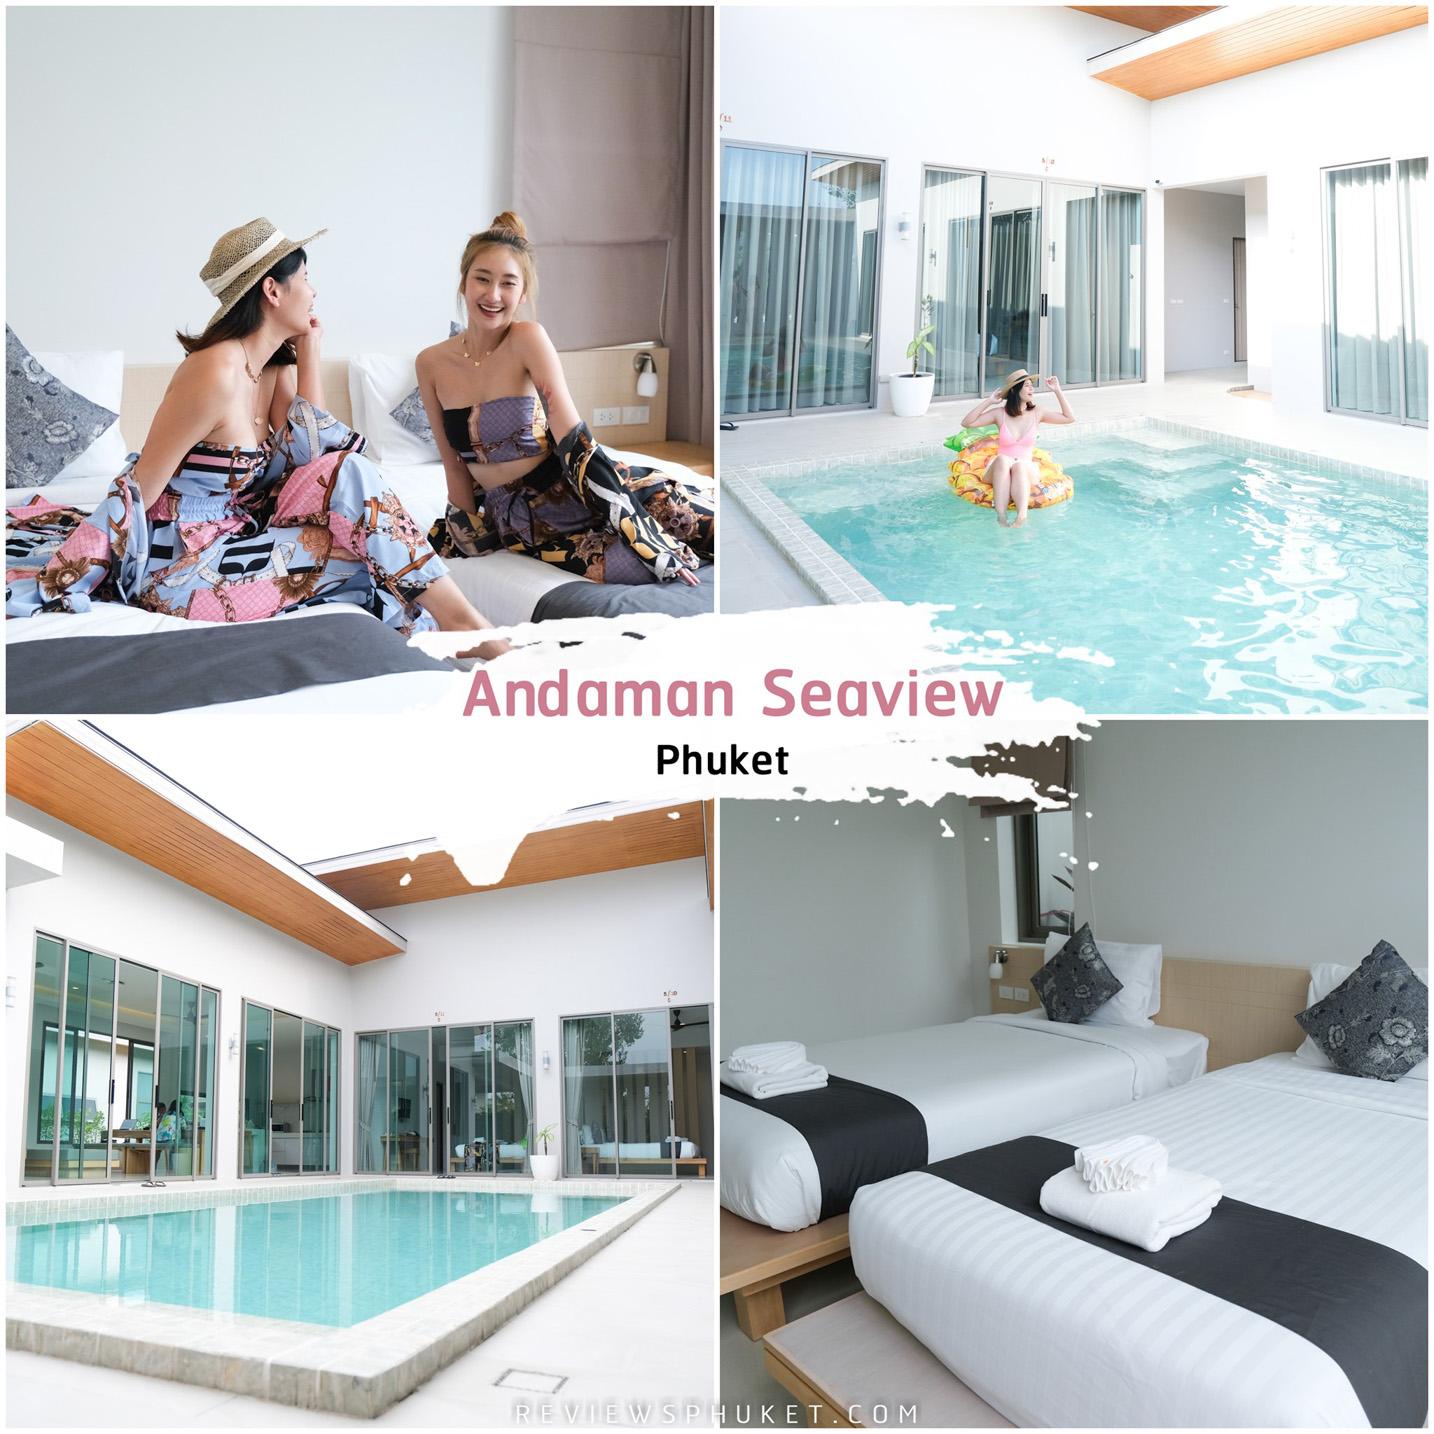 Andaman-Seaview-Luxury-Pool-Villa -ที่พักน่ารักมาก-เป็นสัดส่วน-ห้องนอน-ห้องนั่งเล่นล้อมรอบสระ-ทำให้บ้านดูกว้าง-และใกล้ชิดกัน-เหมาะกับการมาพักผ่อนเป็นกลุ่มที่สุดเลย-สระว่ายน้ำสวยๆฟินสไตล์มินิมอลลล ที่พักภูเก็ต,ที่พักหรู,วิวหลักล้าน,ริมทะเล,โรงแรม,รีสอร์ท,Phuket,หาดสวย,น้ำใส